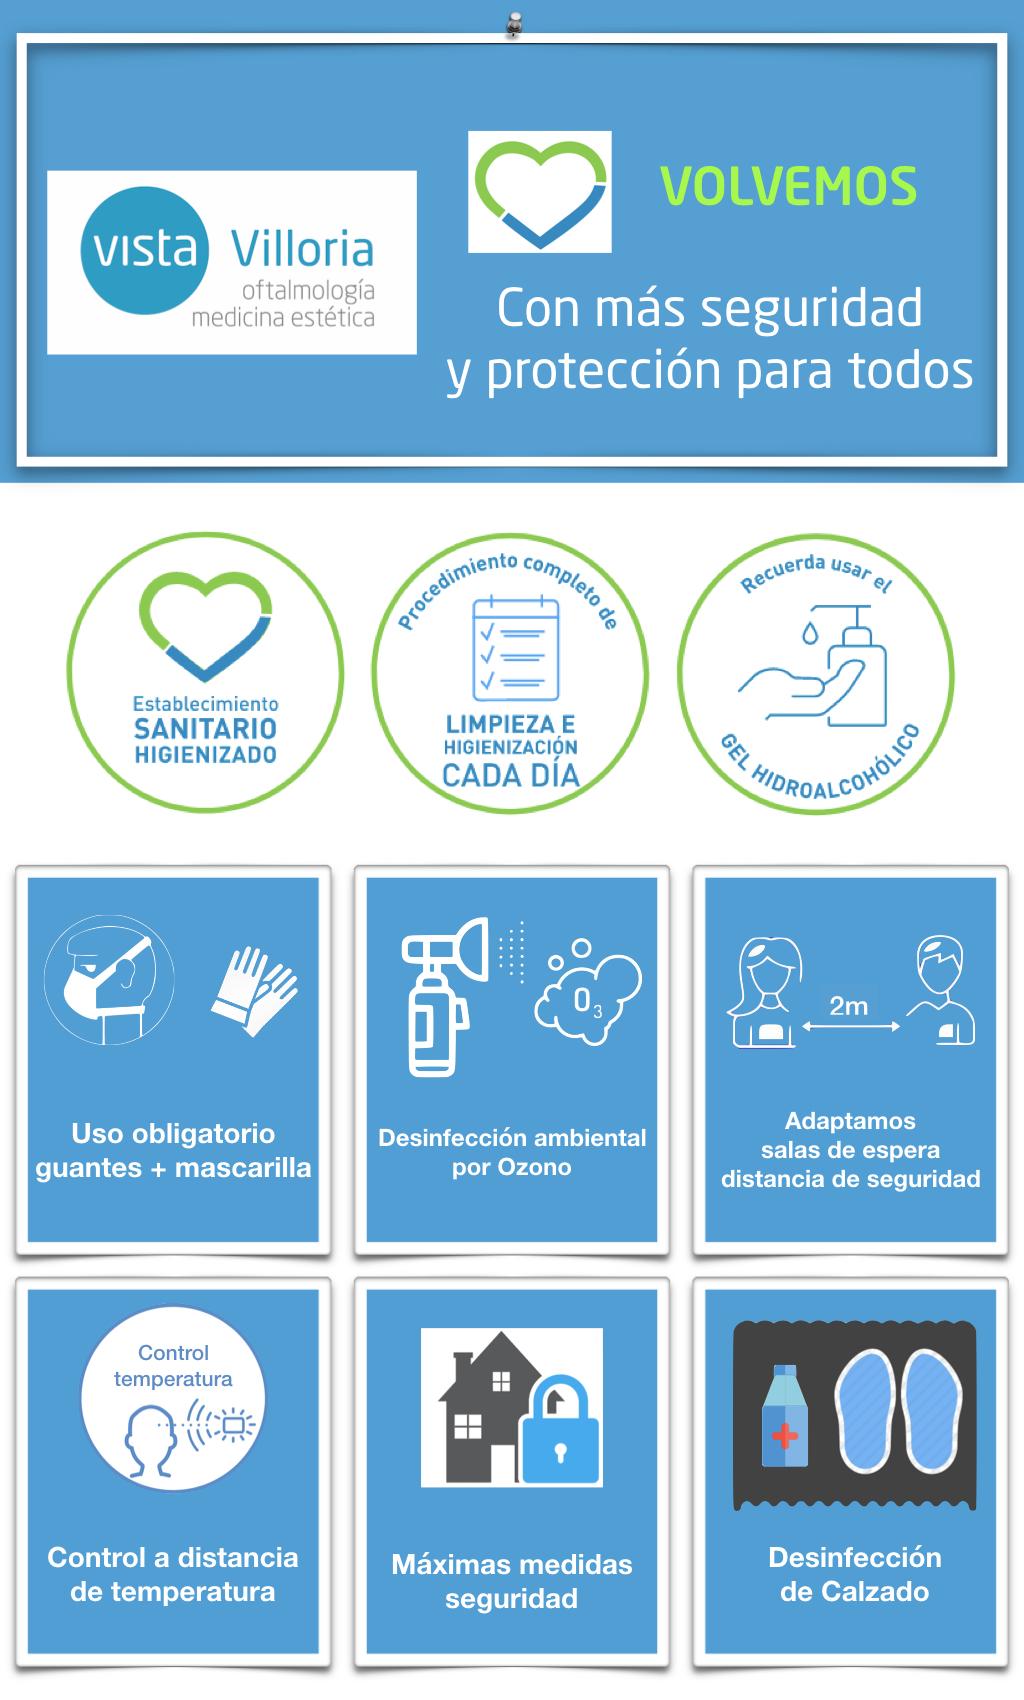 Medidas Seguridad Clinica Villoria